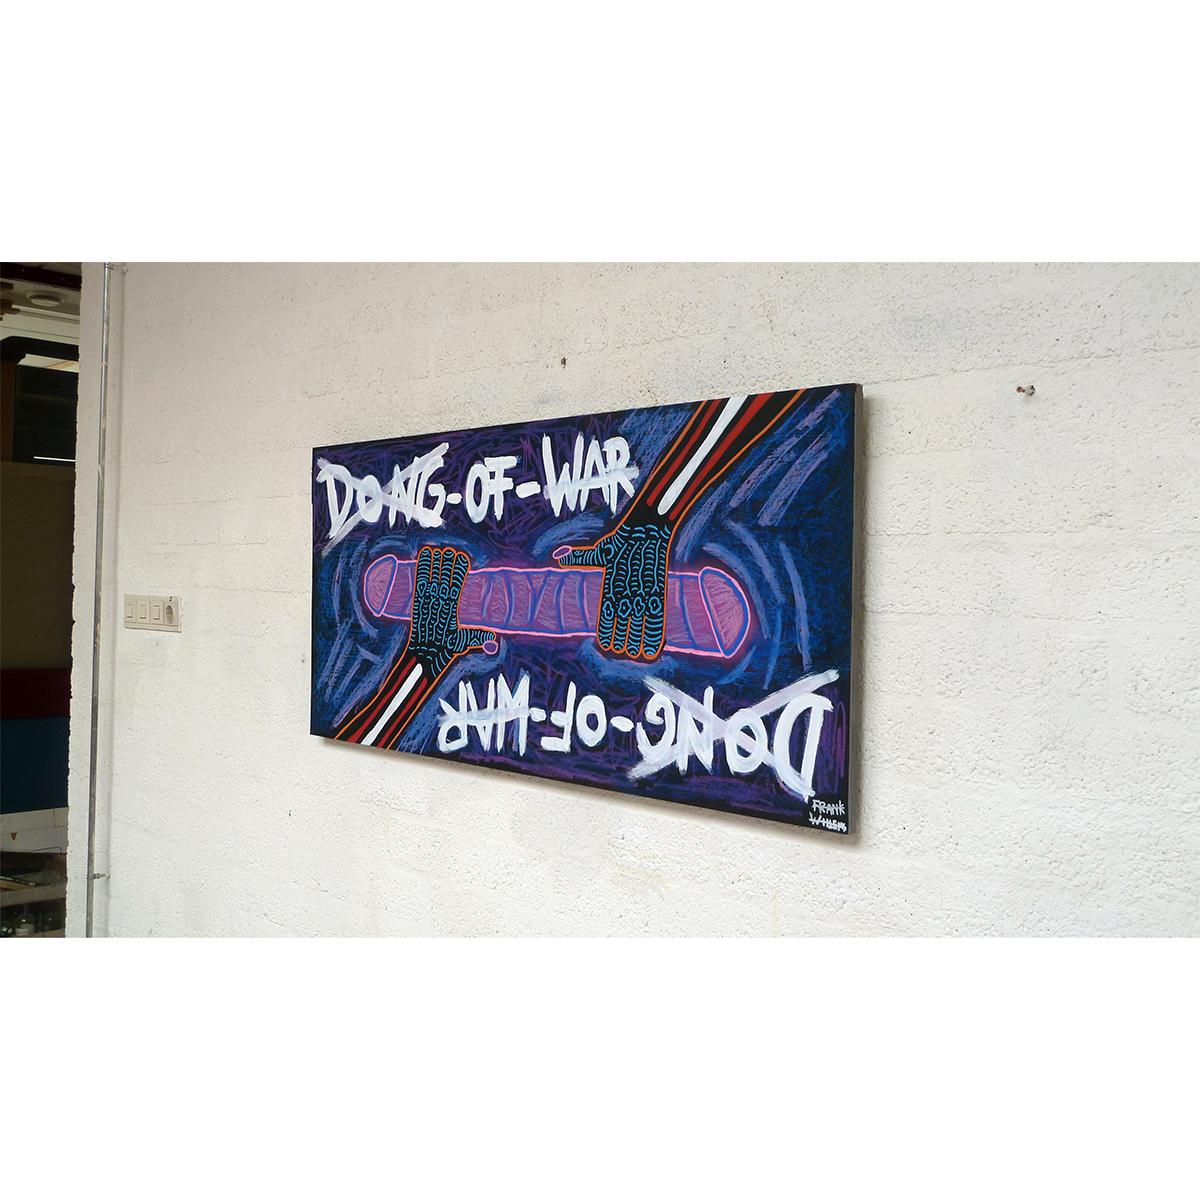 DONG-OF-WAR 03 - Frank Willems